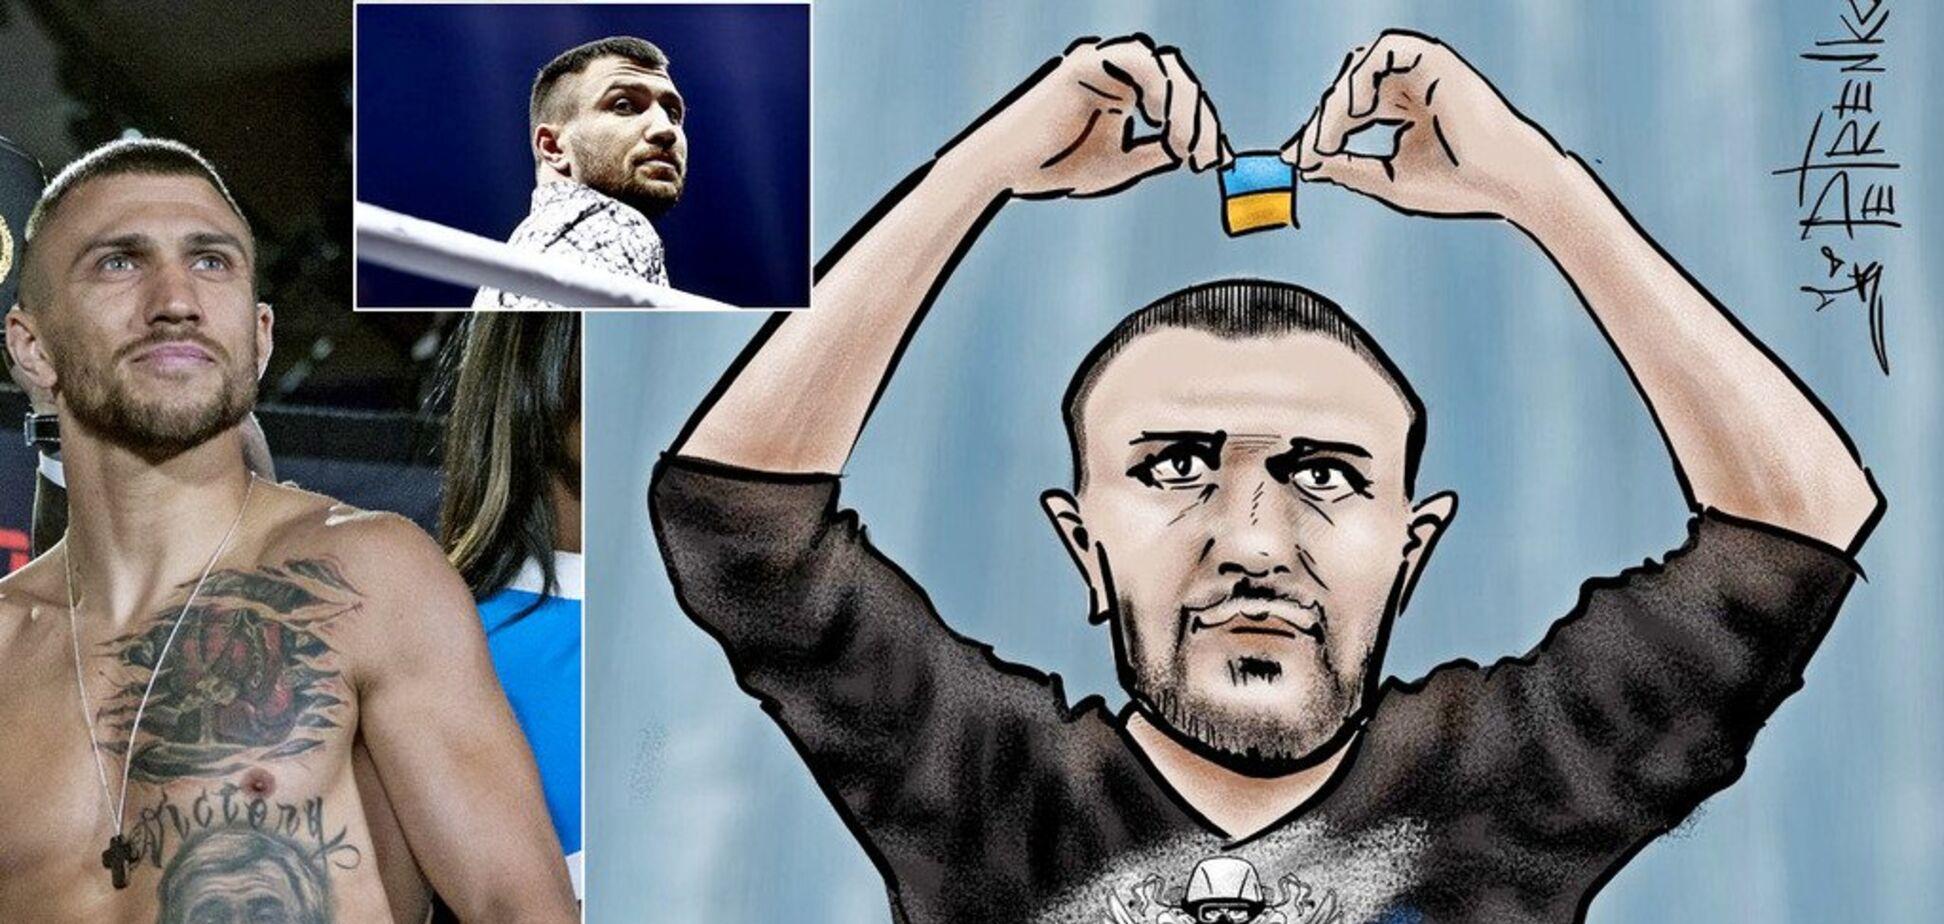 Ввічливий спецназ: як Ломаченко з українського улюбленця перетворився в плід російської пропаганди